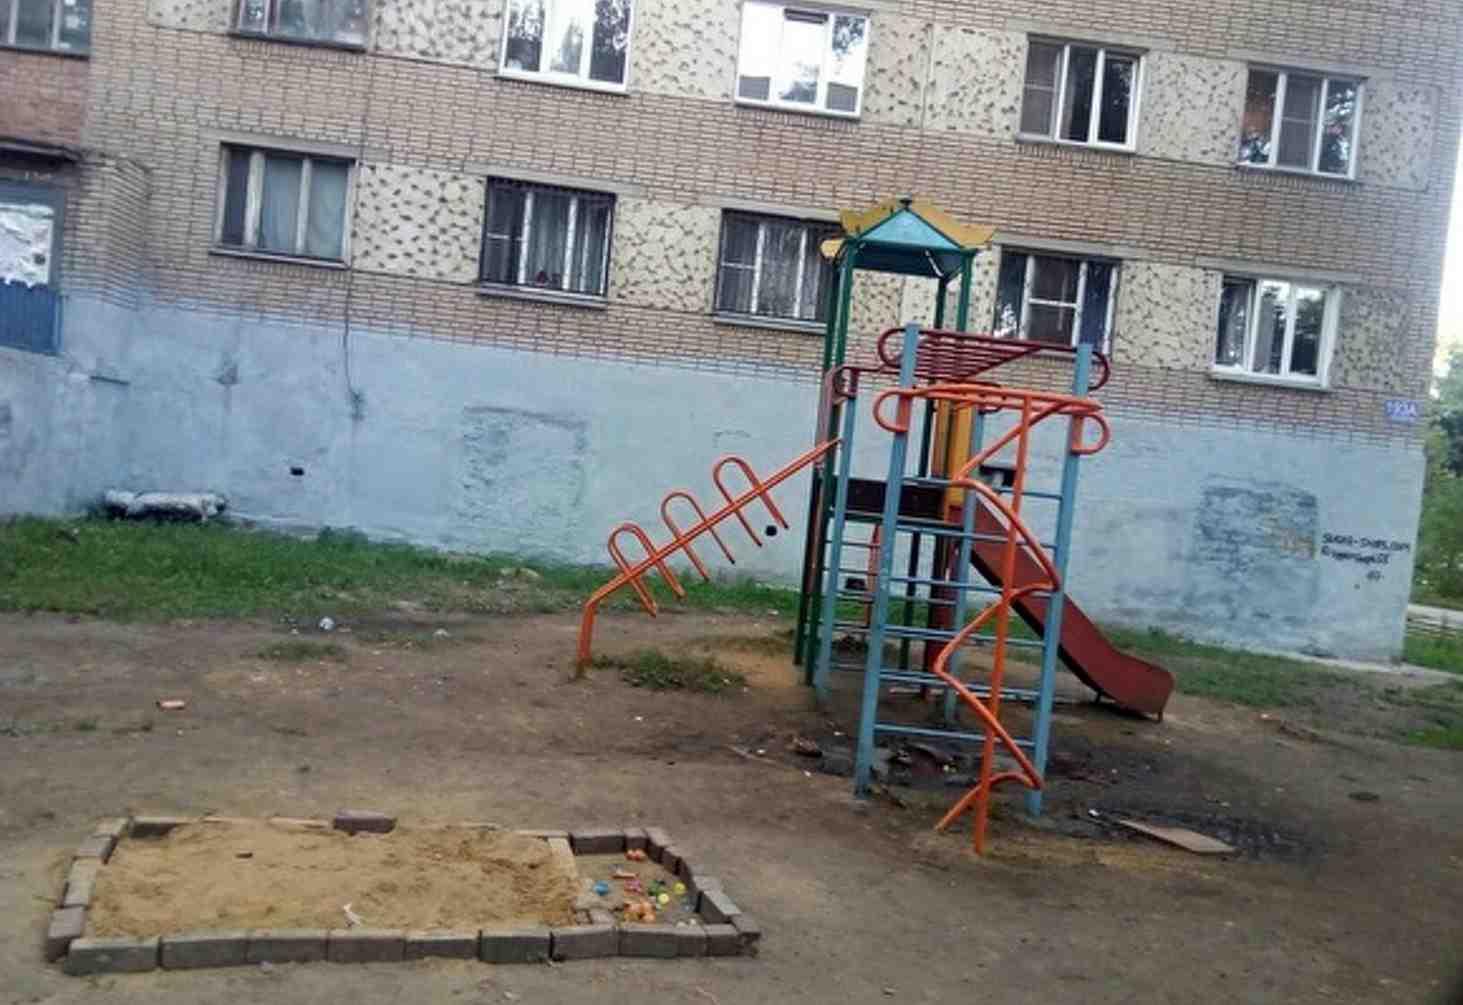 chelyabinskie-deti-sami-sdelali-sebe-pesochnitsu-oni-ustali-igrat-v-gryazi